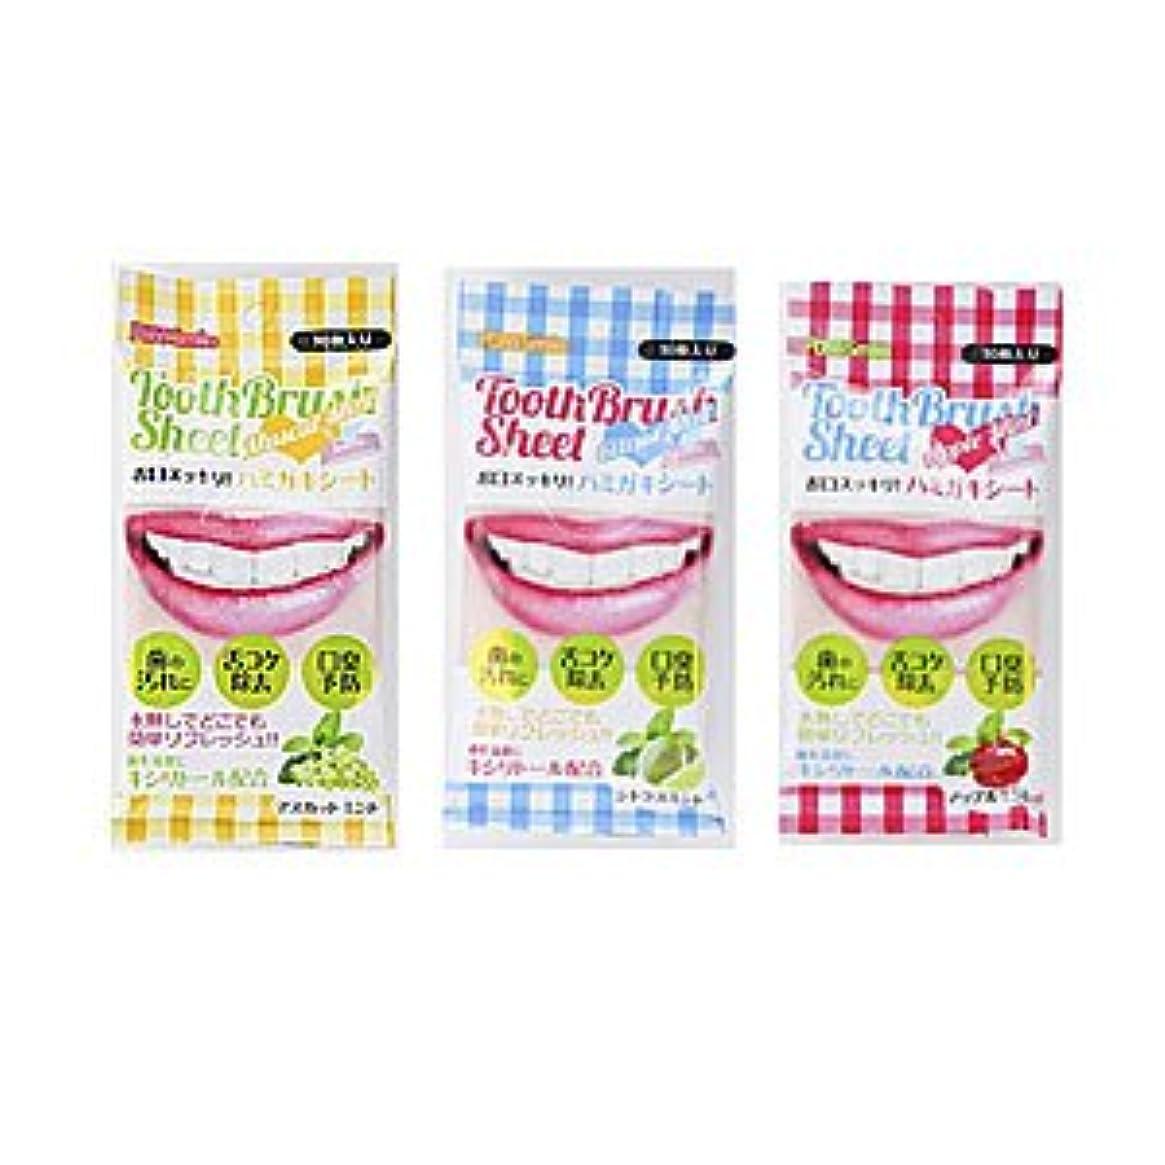 作成者ミュウミュウ記念碑的なピュアスマイル 歯磨きシート 全3種類 (アップルミント)